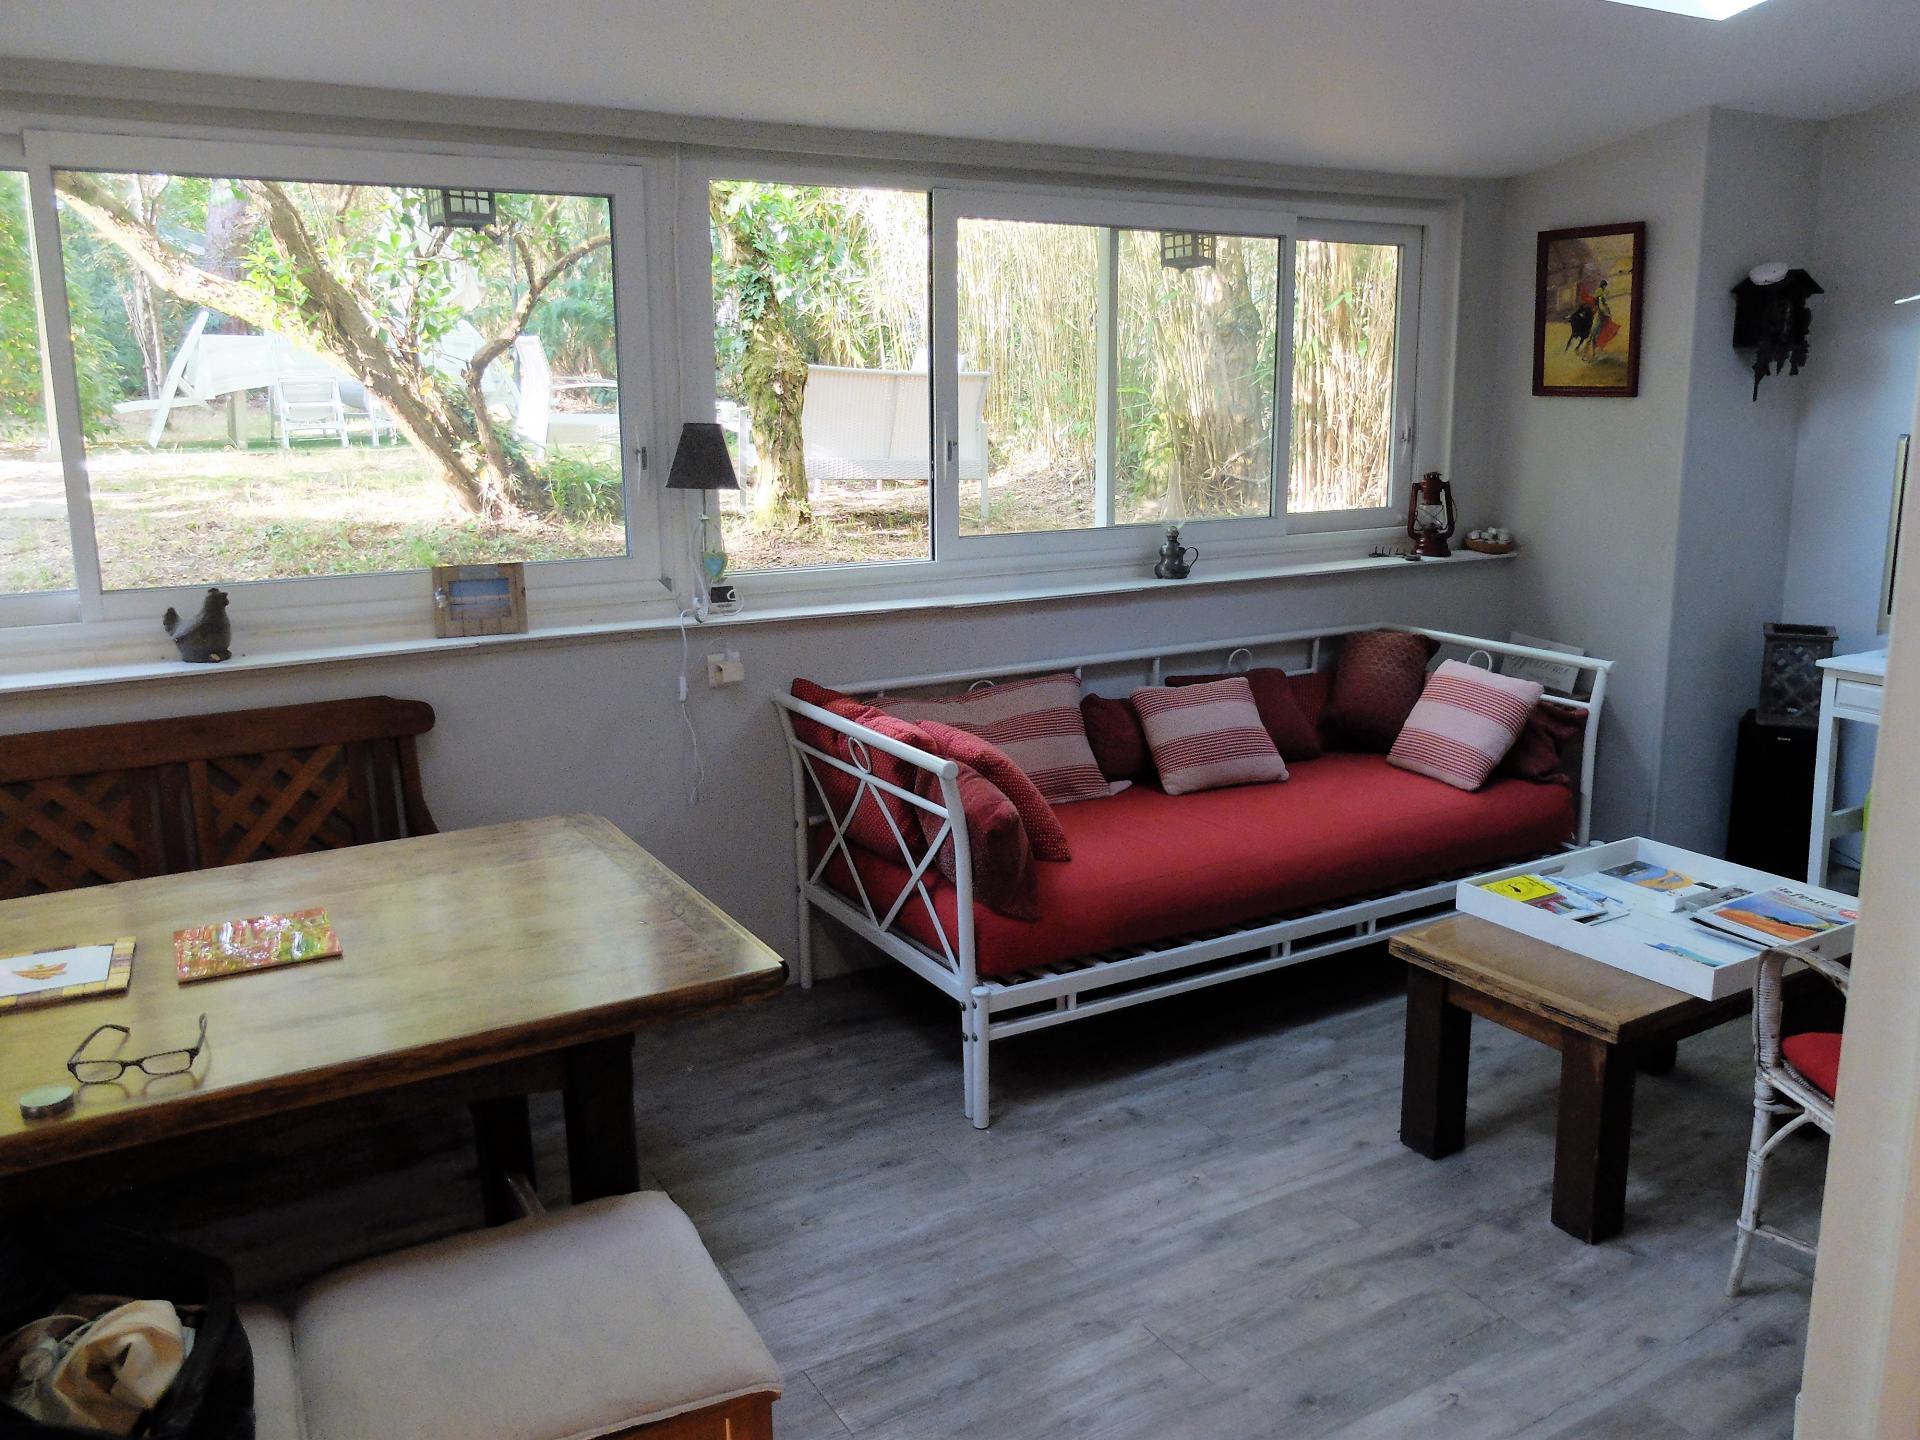 salon veranda 2019- 2